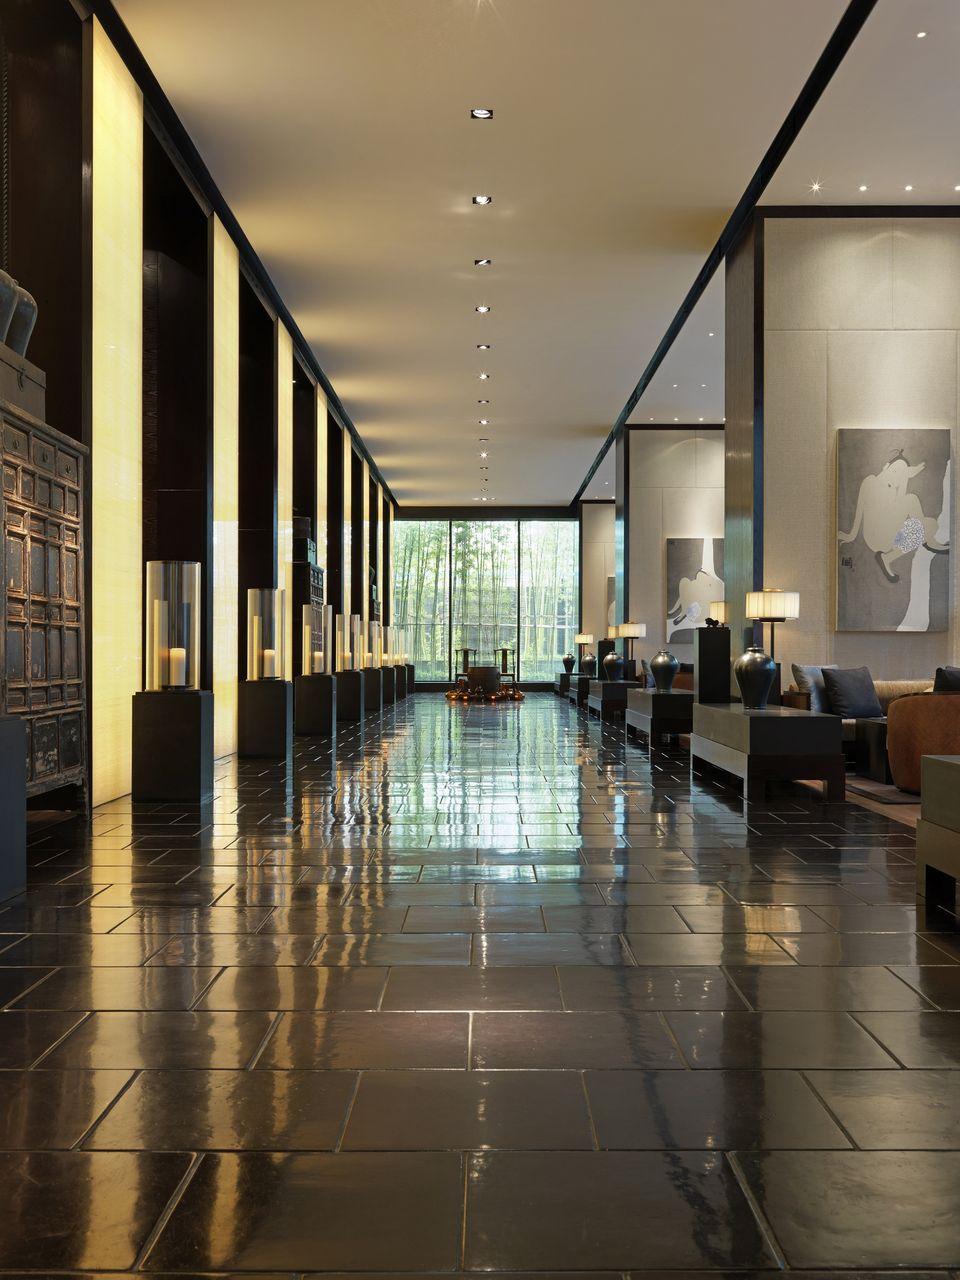 ザ・プリ ホテル アンド スパ 中国 上海 画像 旅行 デザイナーズホテル スパ